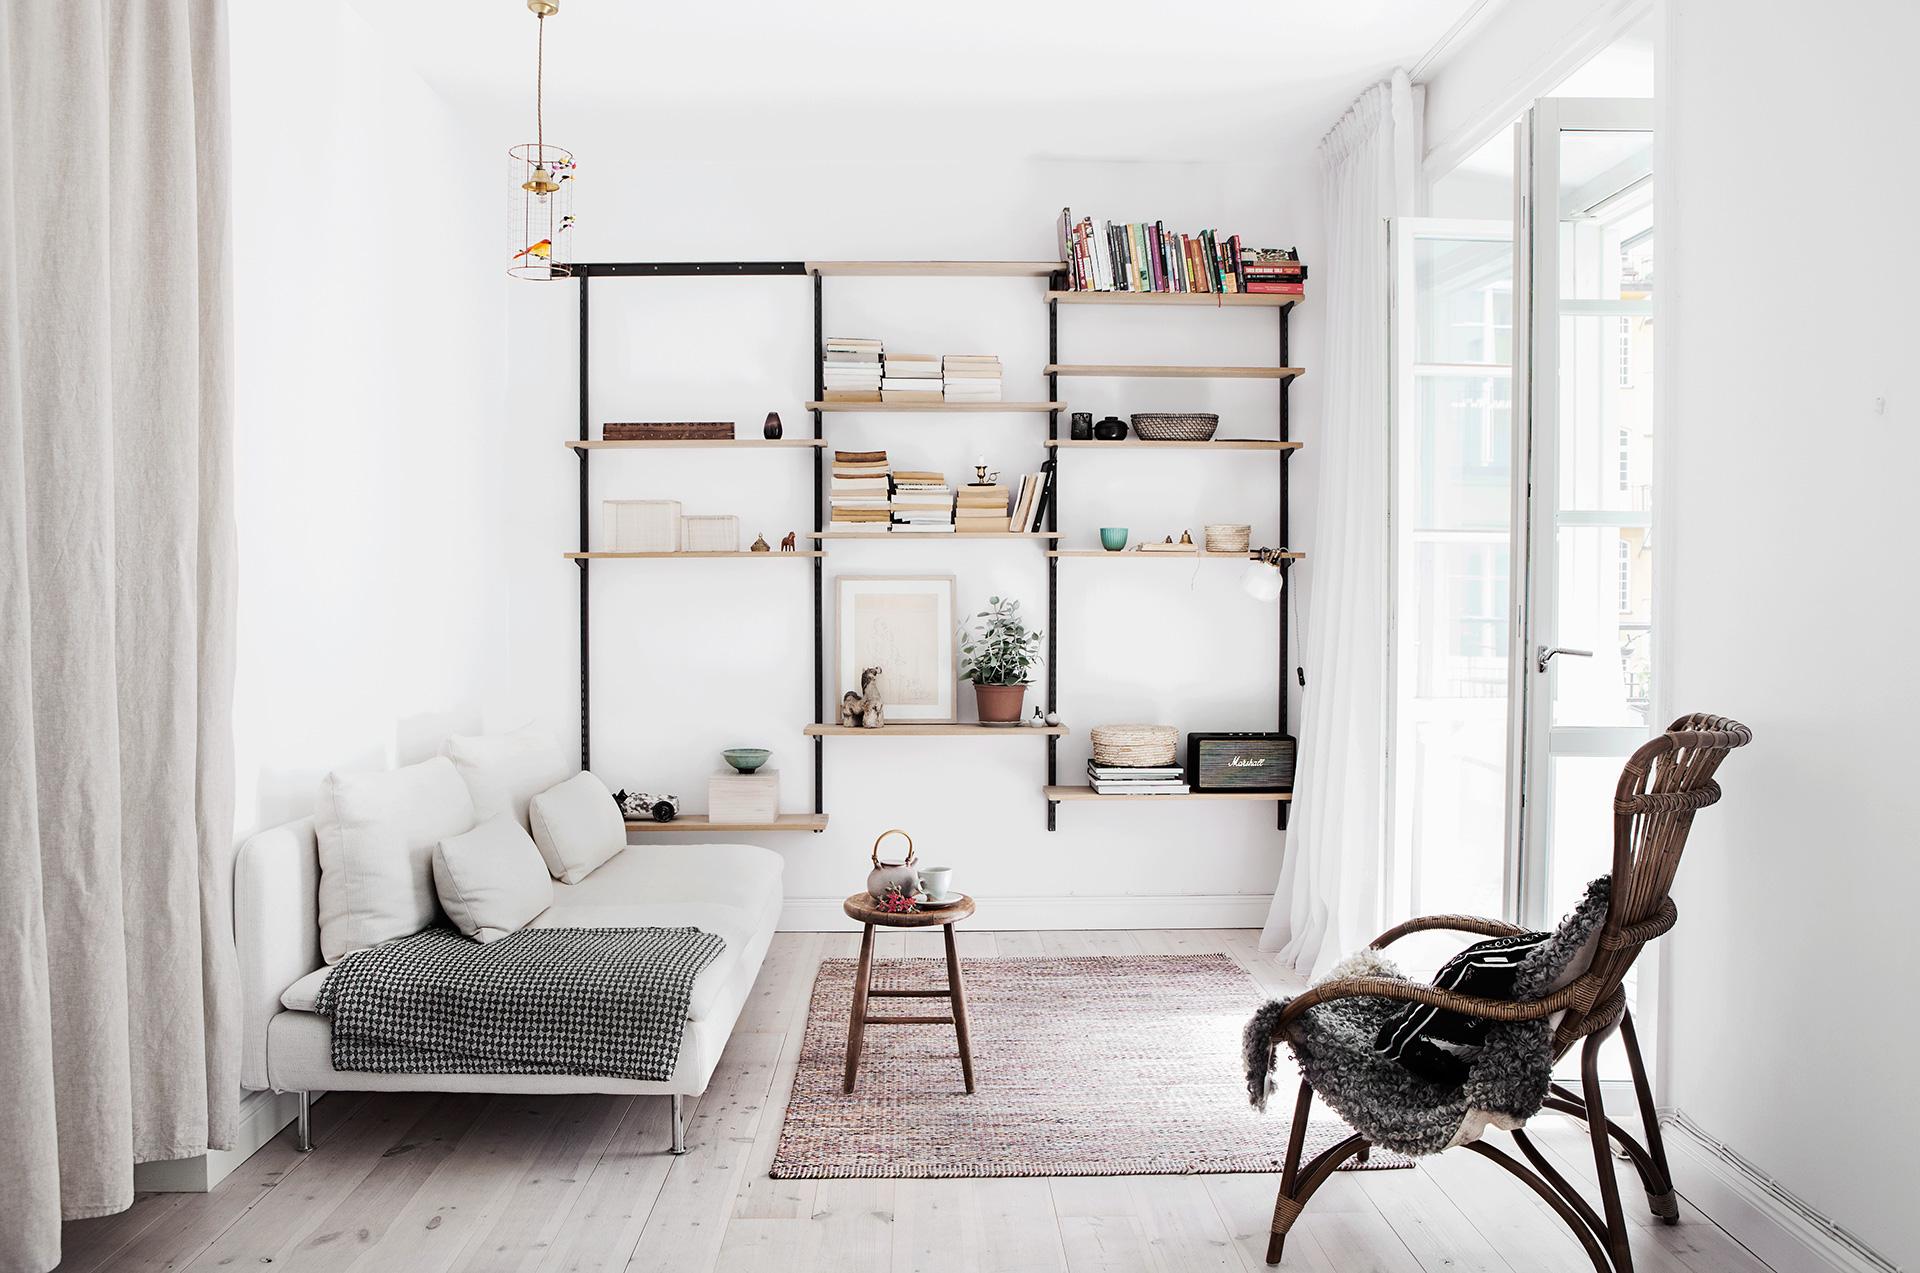 Moderne woonkamer meubels inspiratie tgwonen Woonkamer design